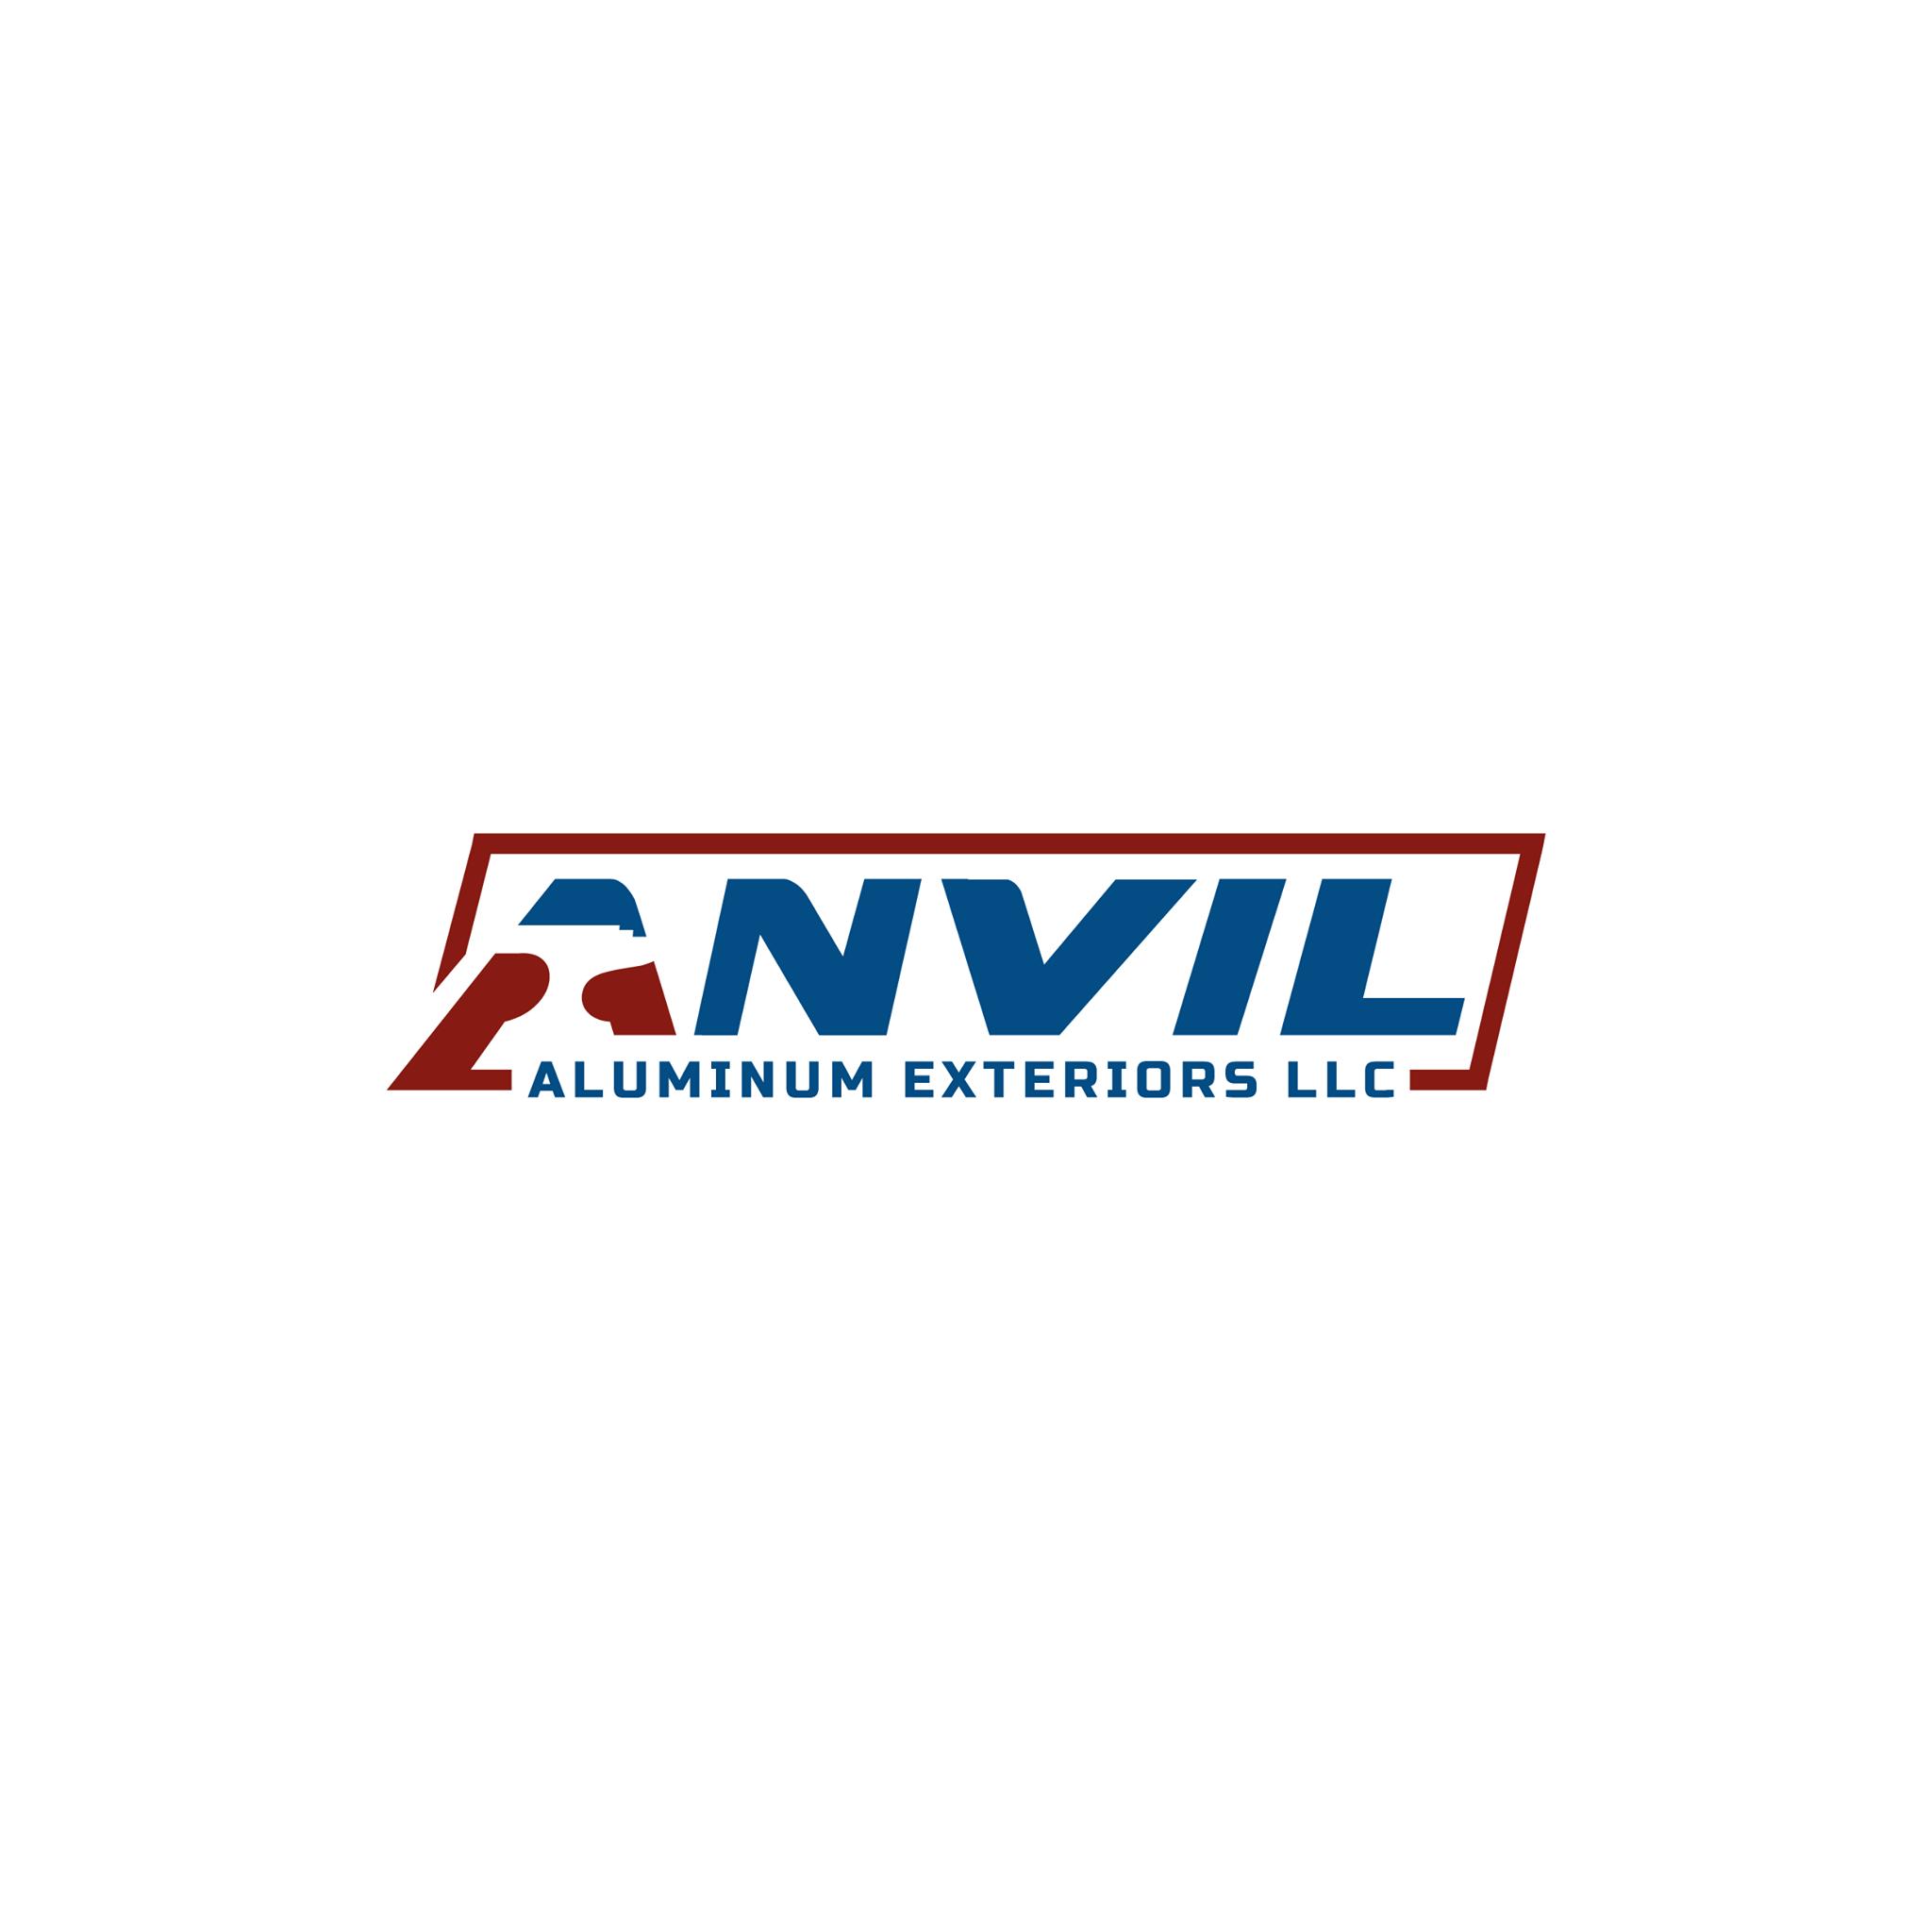 Anvil Aluminum Exteriors LLC